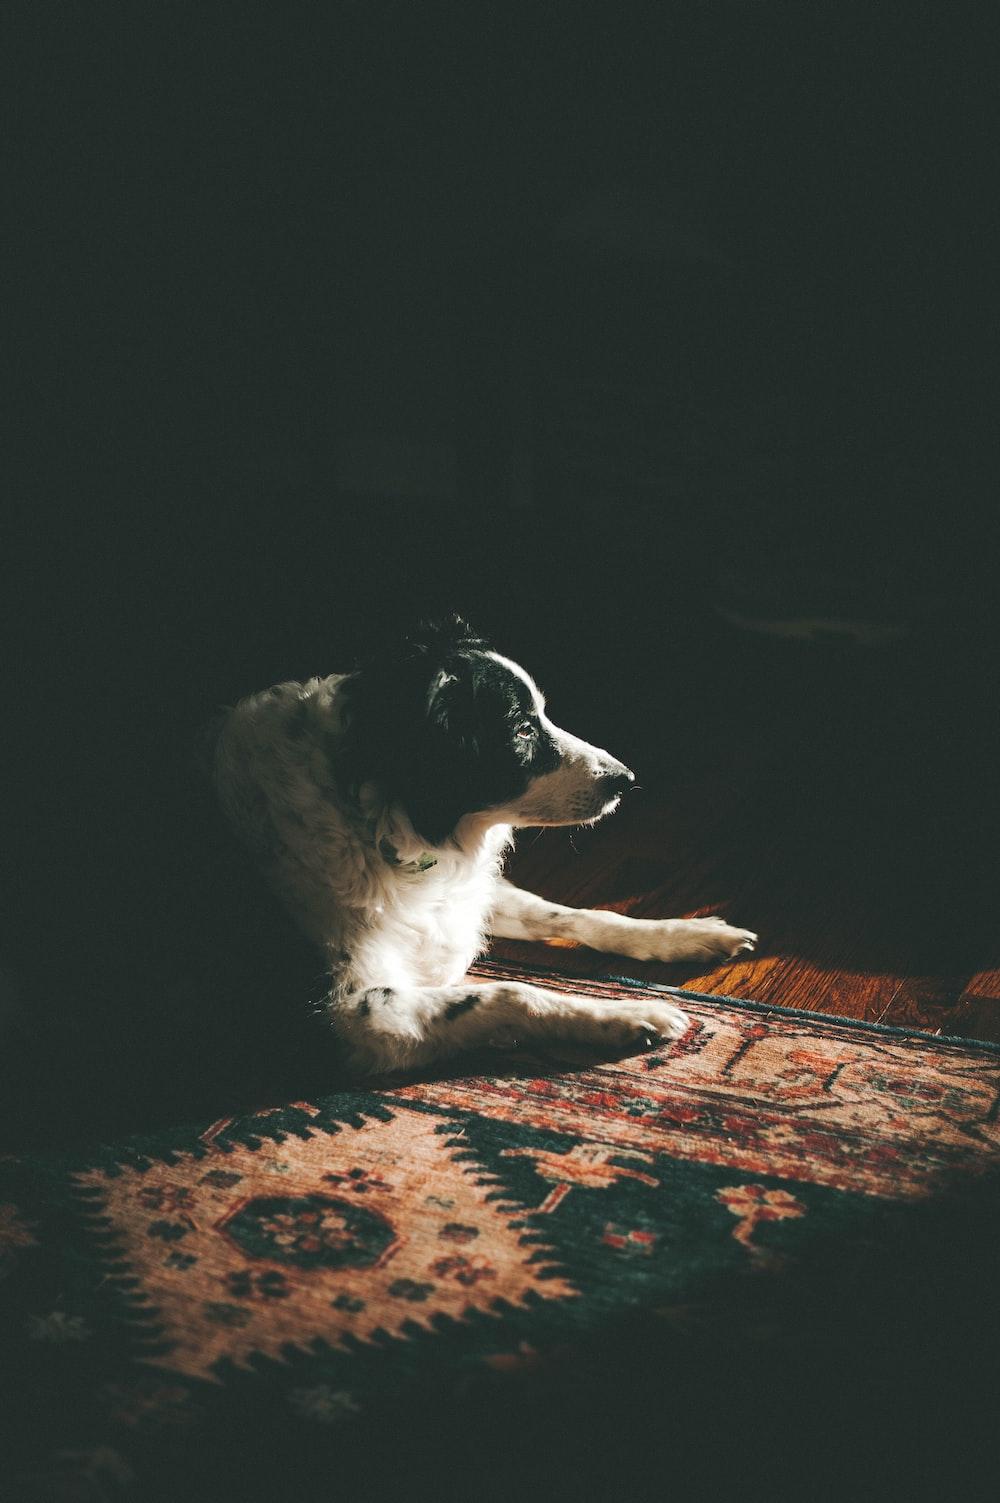 dog lying on area rug